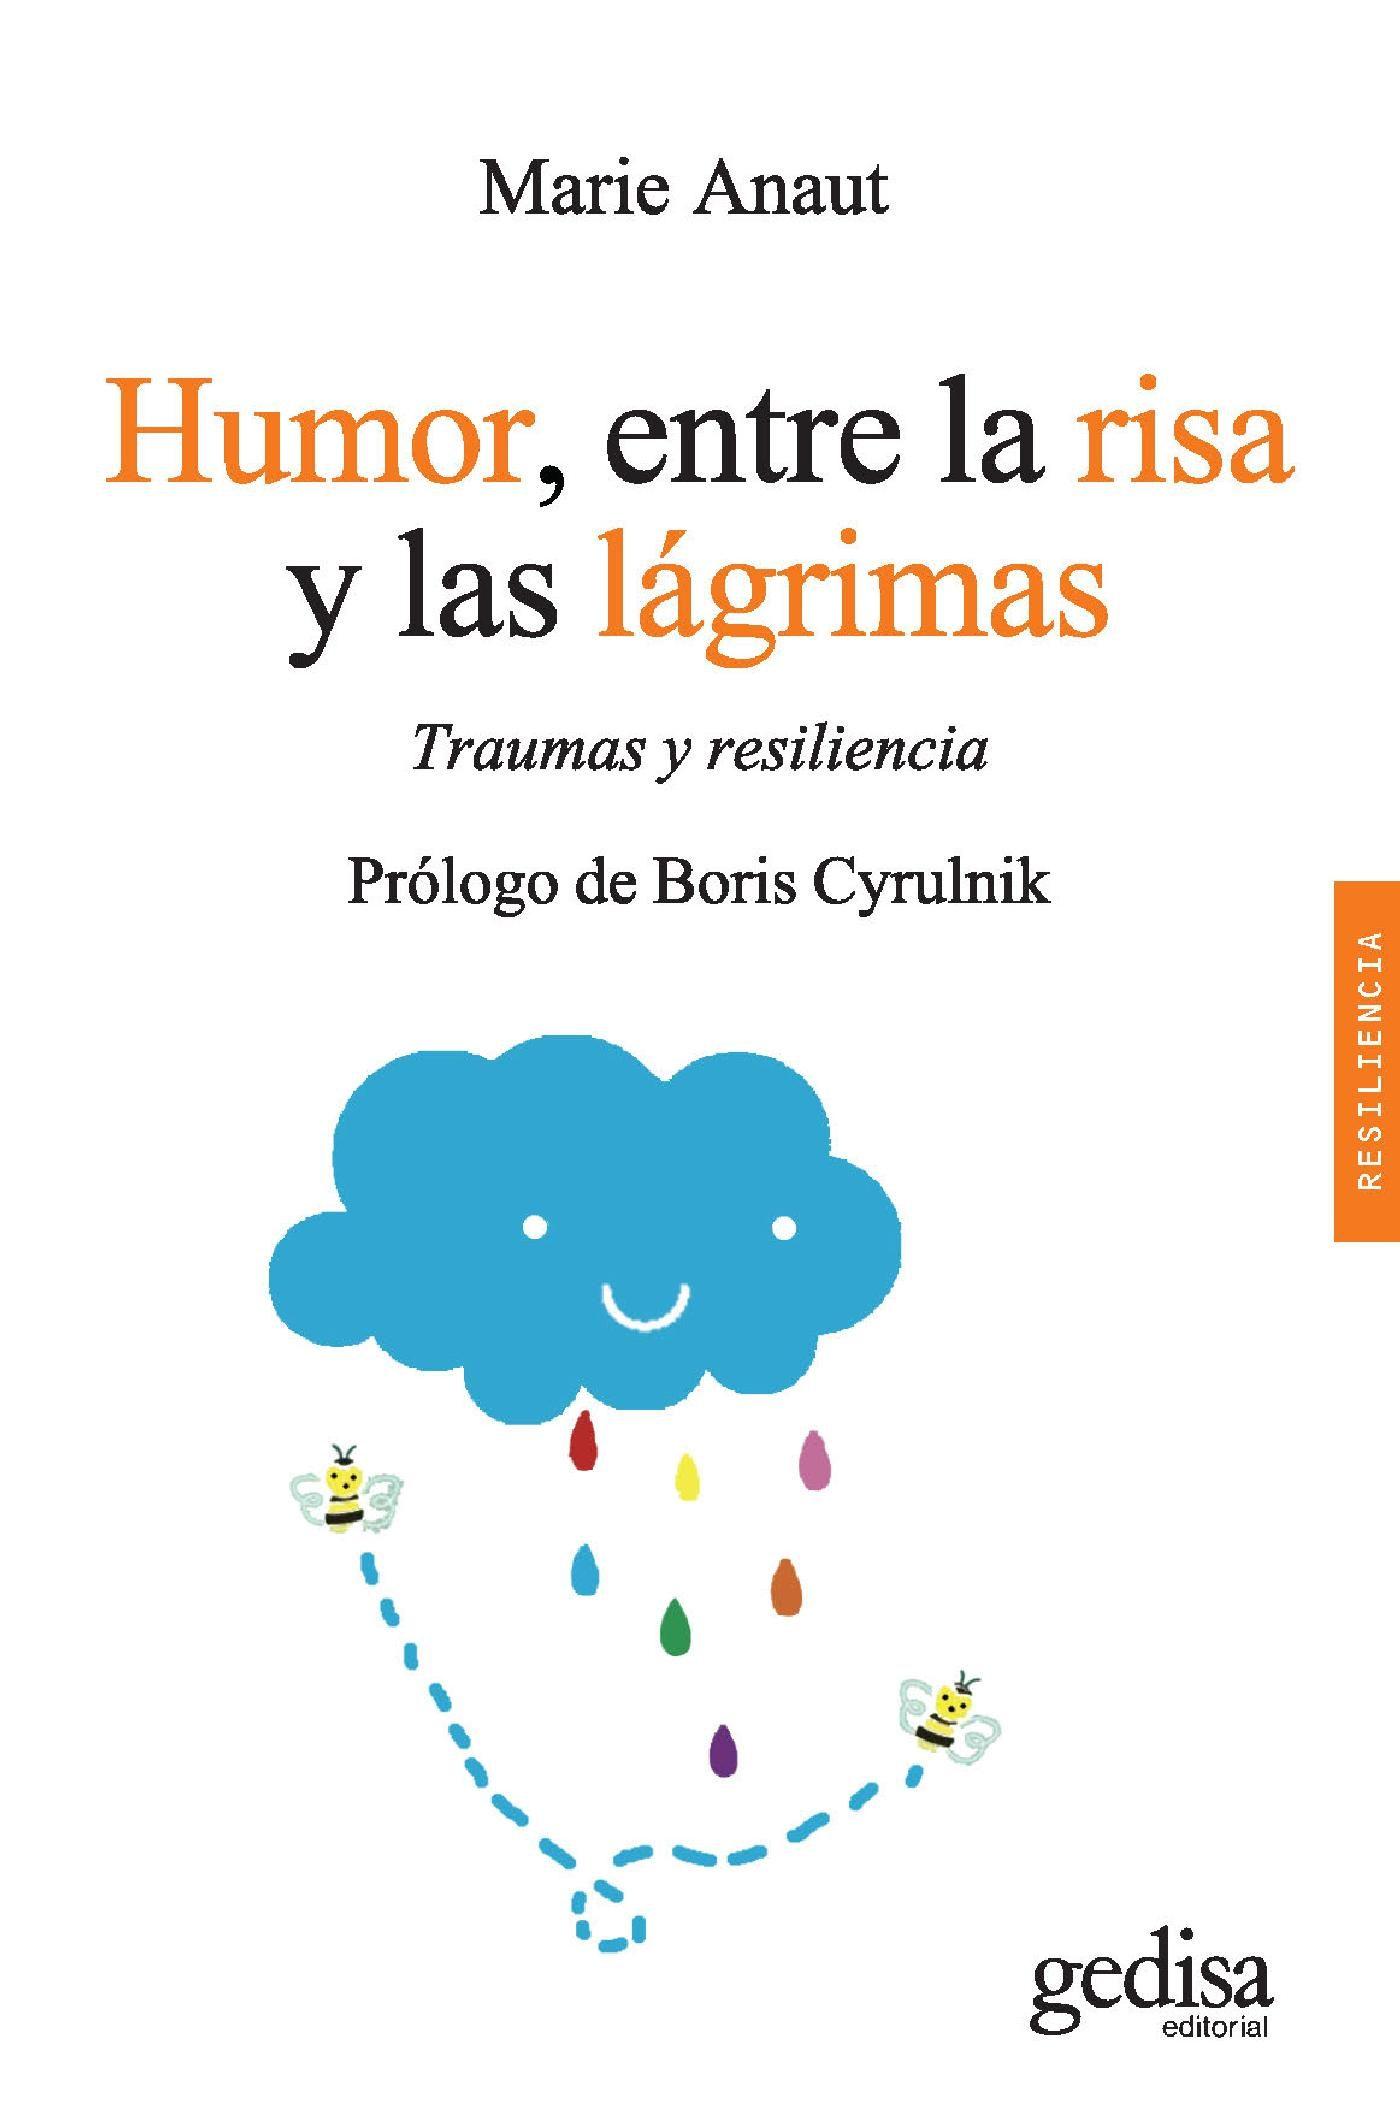 HUMOR, ENTRE LA RISA Y LAS LÁGRIMAS EBOOK | MARIE ANAUT | Descargar ...